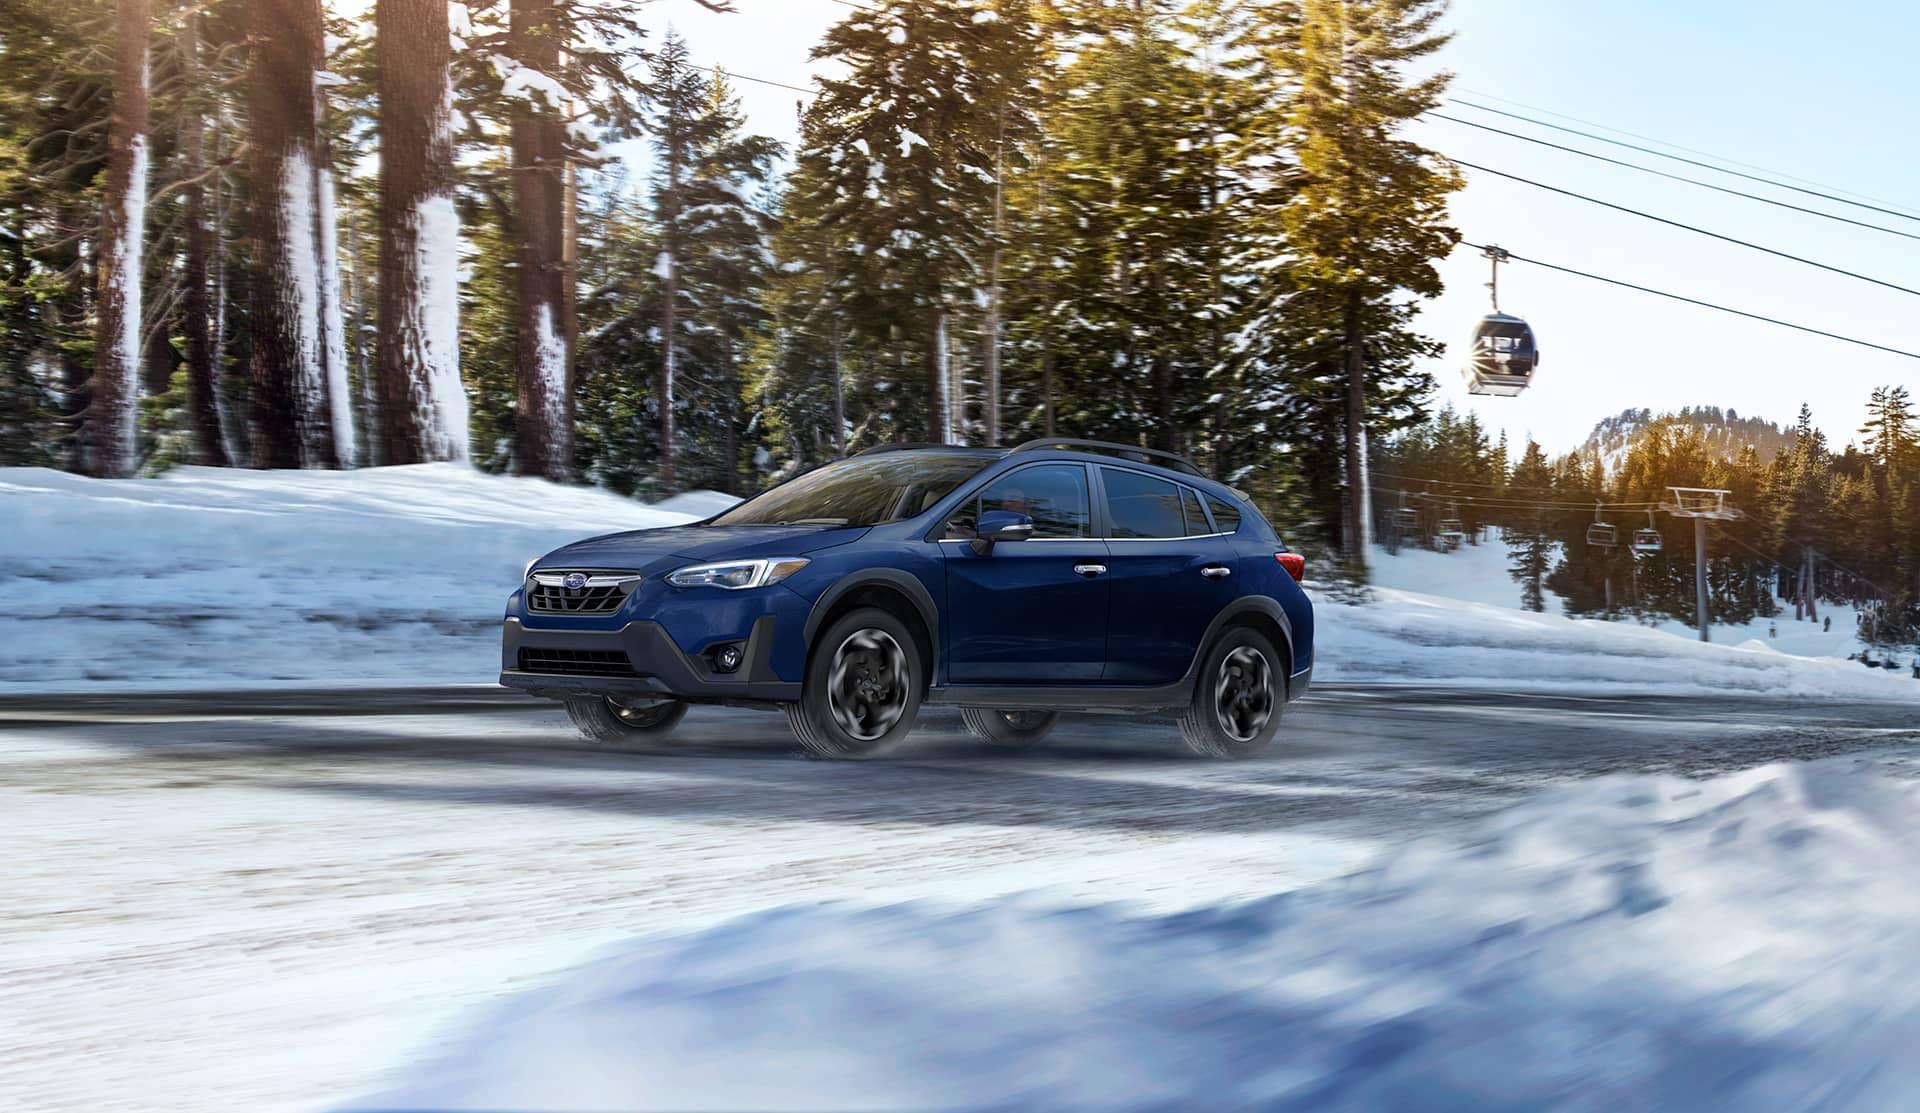 Subaru Crosstrek 2021 sur une route enneigée